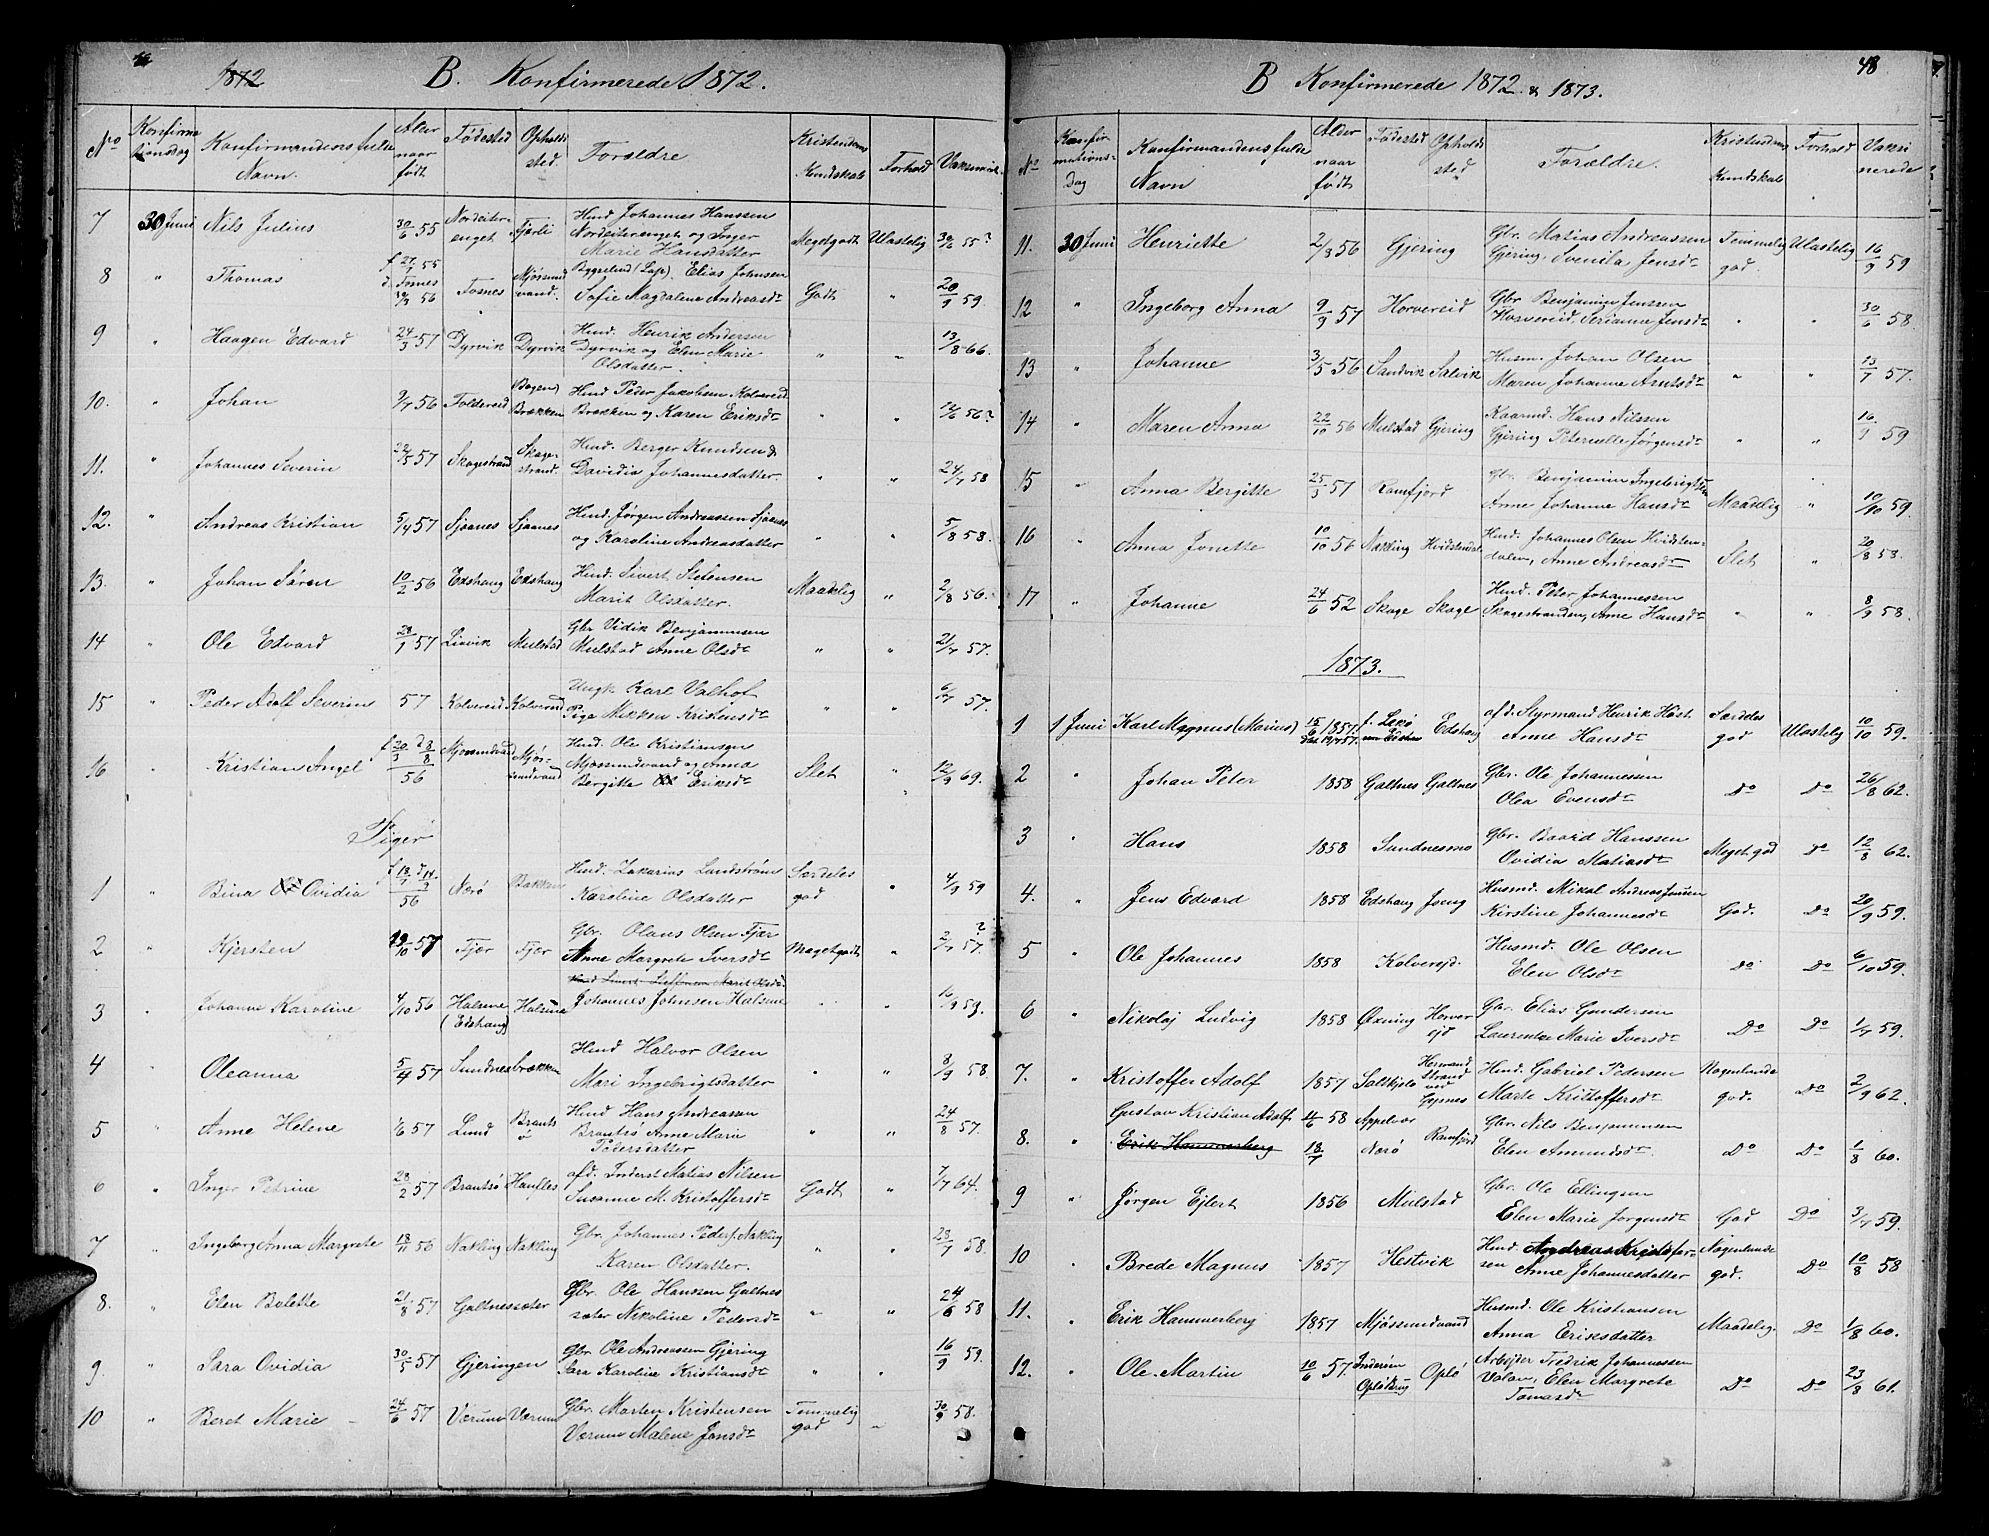 SAT, Ministerialprotokoller, klokkerbøker og fødselsregistre - Nord-Trøndelag, 780/L0650: Klokkerbok nr. 780C02, 1866-1884, s. 48